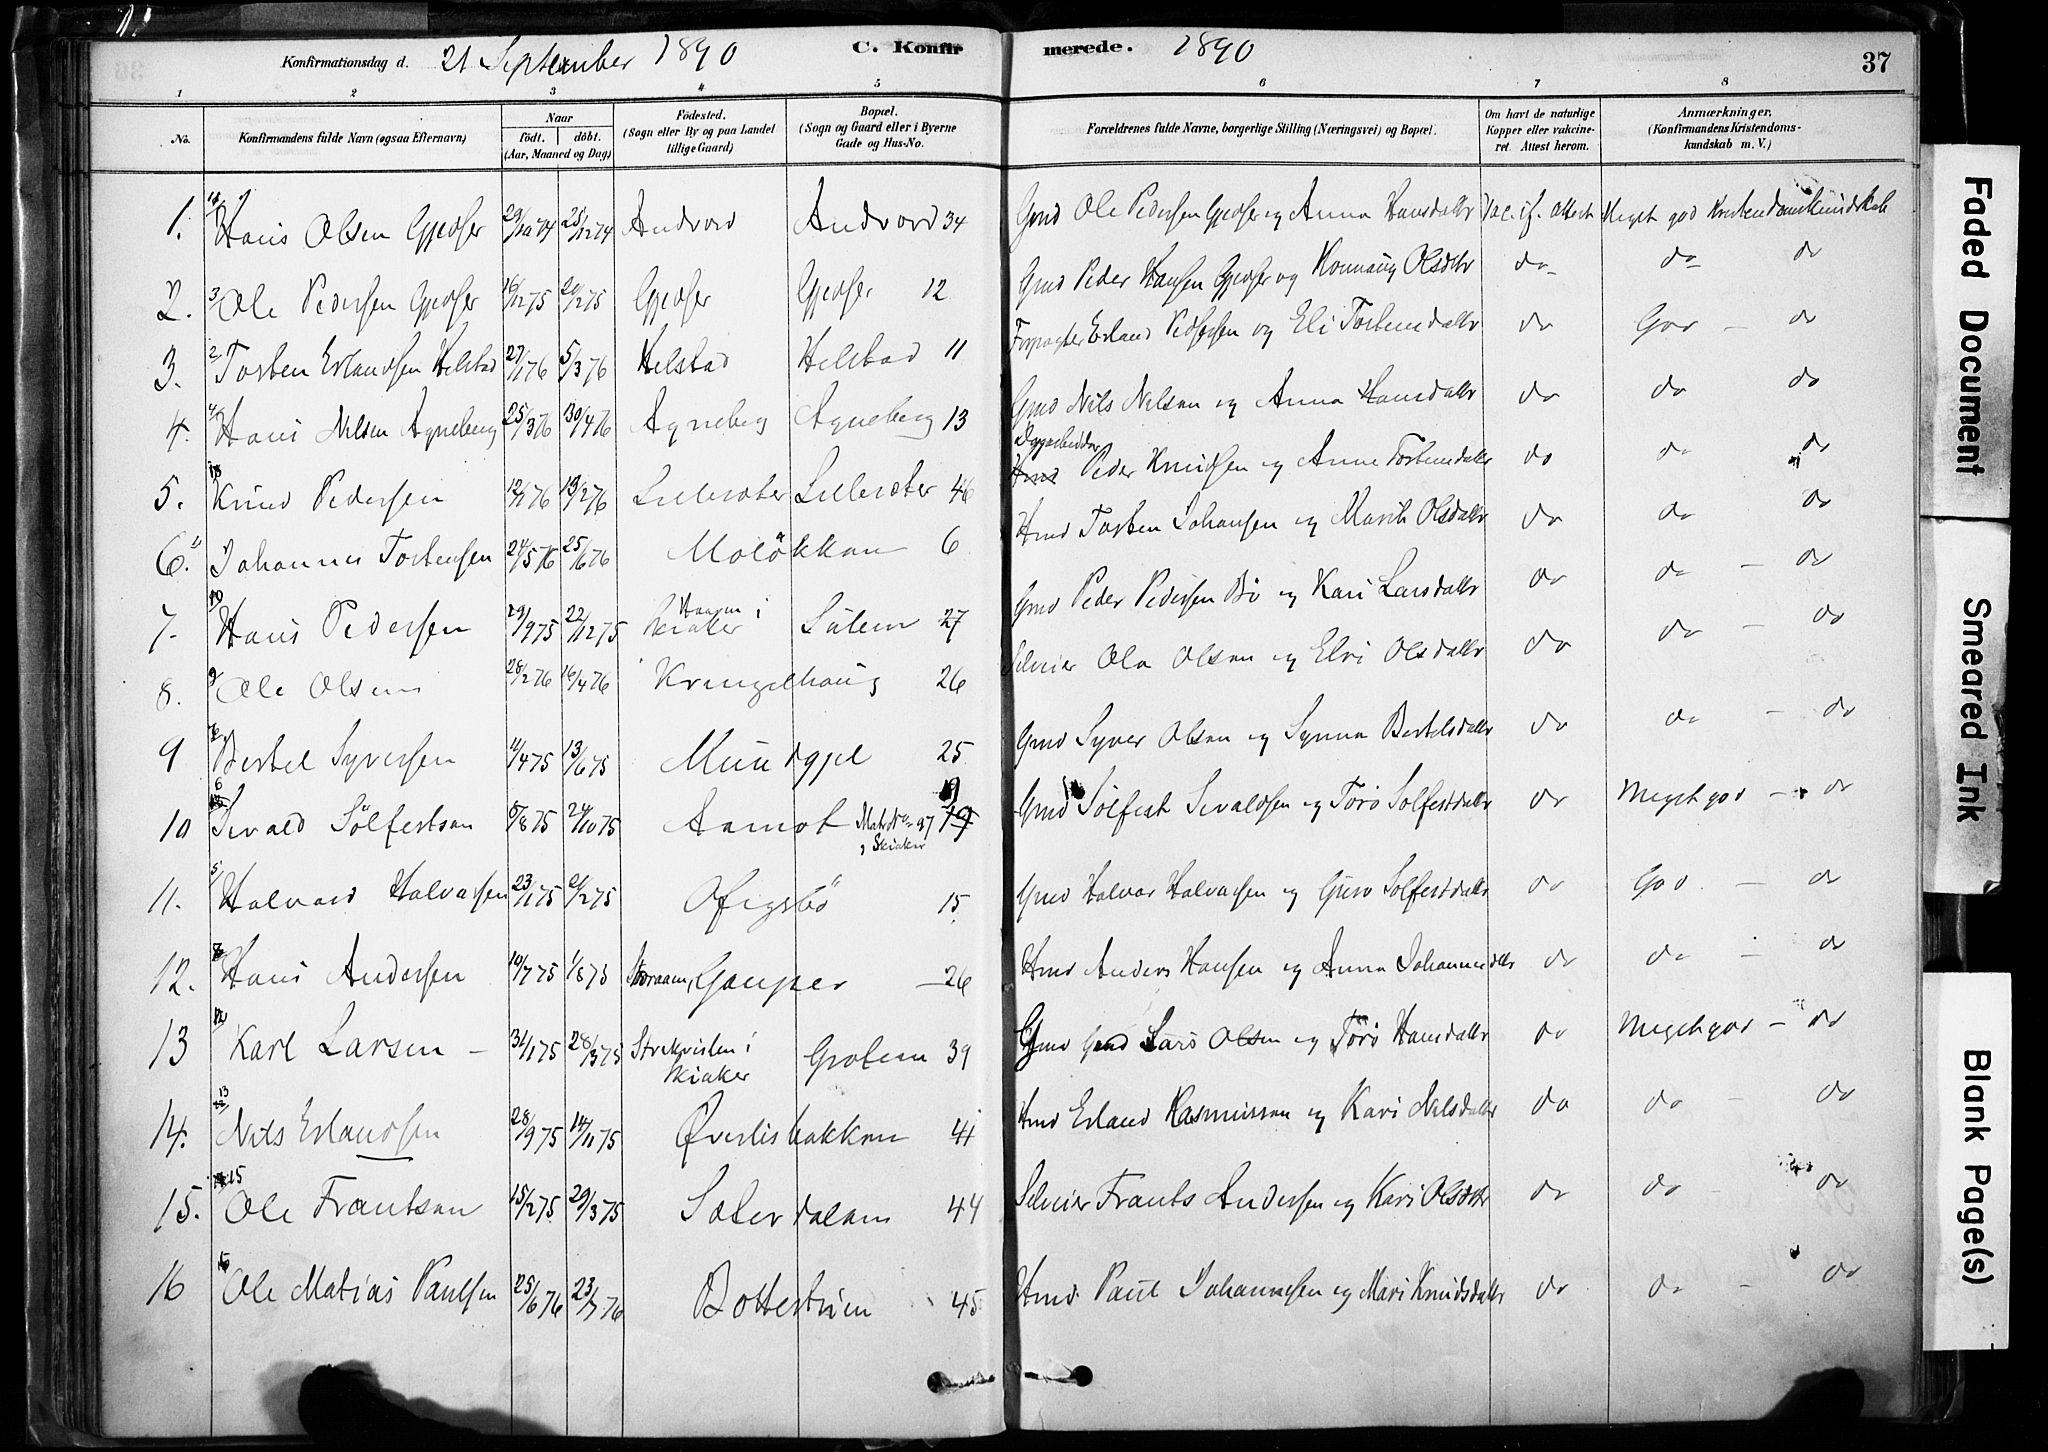 SAH, Lom prestekontor, K/L0009: Ministerialbok nr. 9, 1878-1907, s. 37